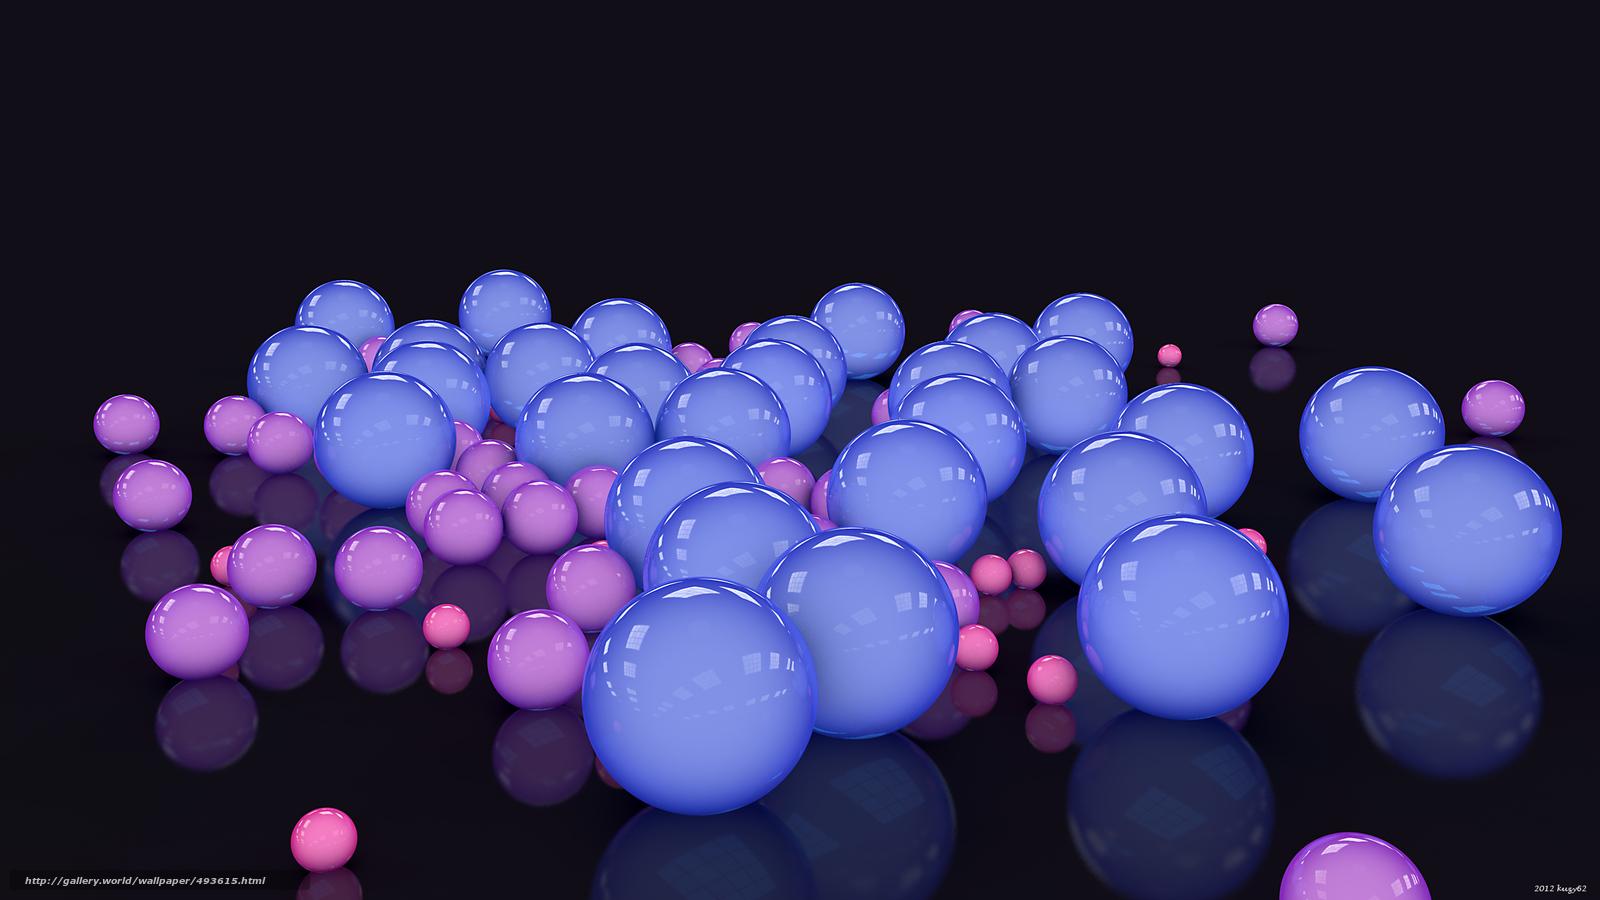 для термобелья фон для стола шарики стеклянные такое